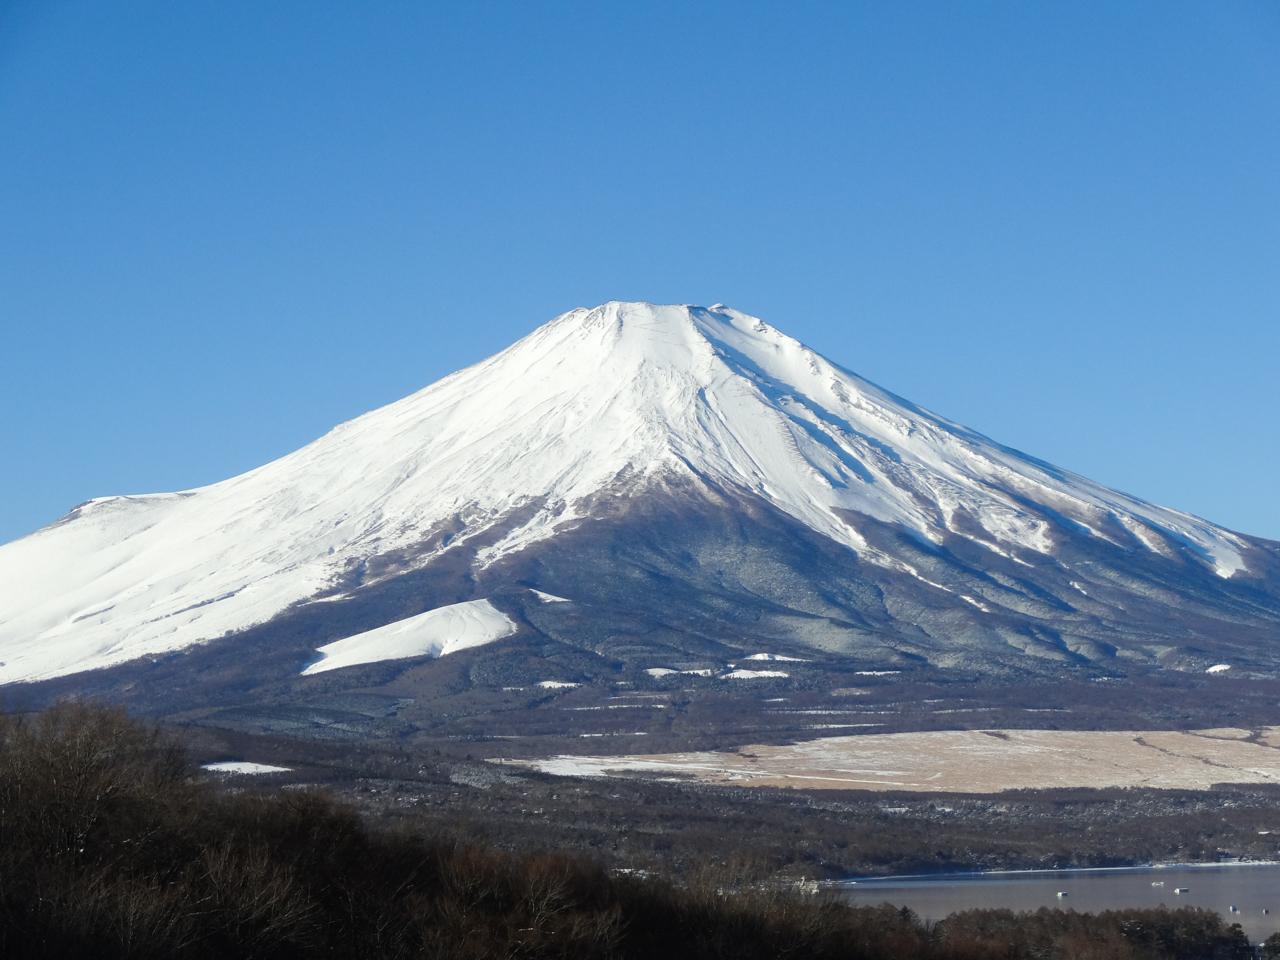 2013年の年末旅行は雪のエクシブ山中湖へ